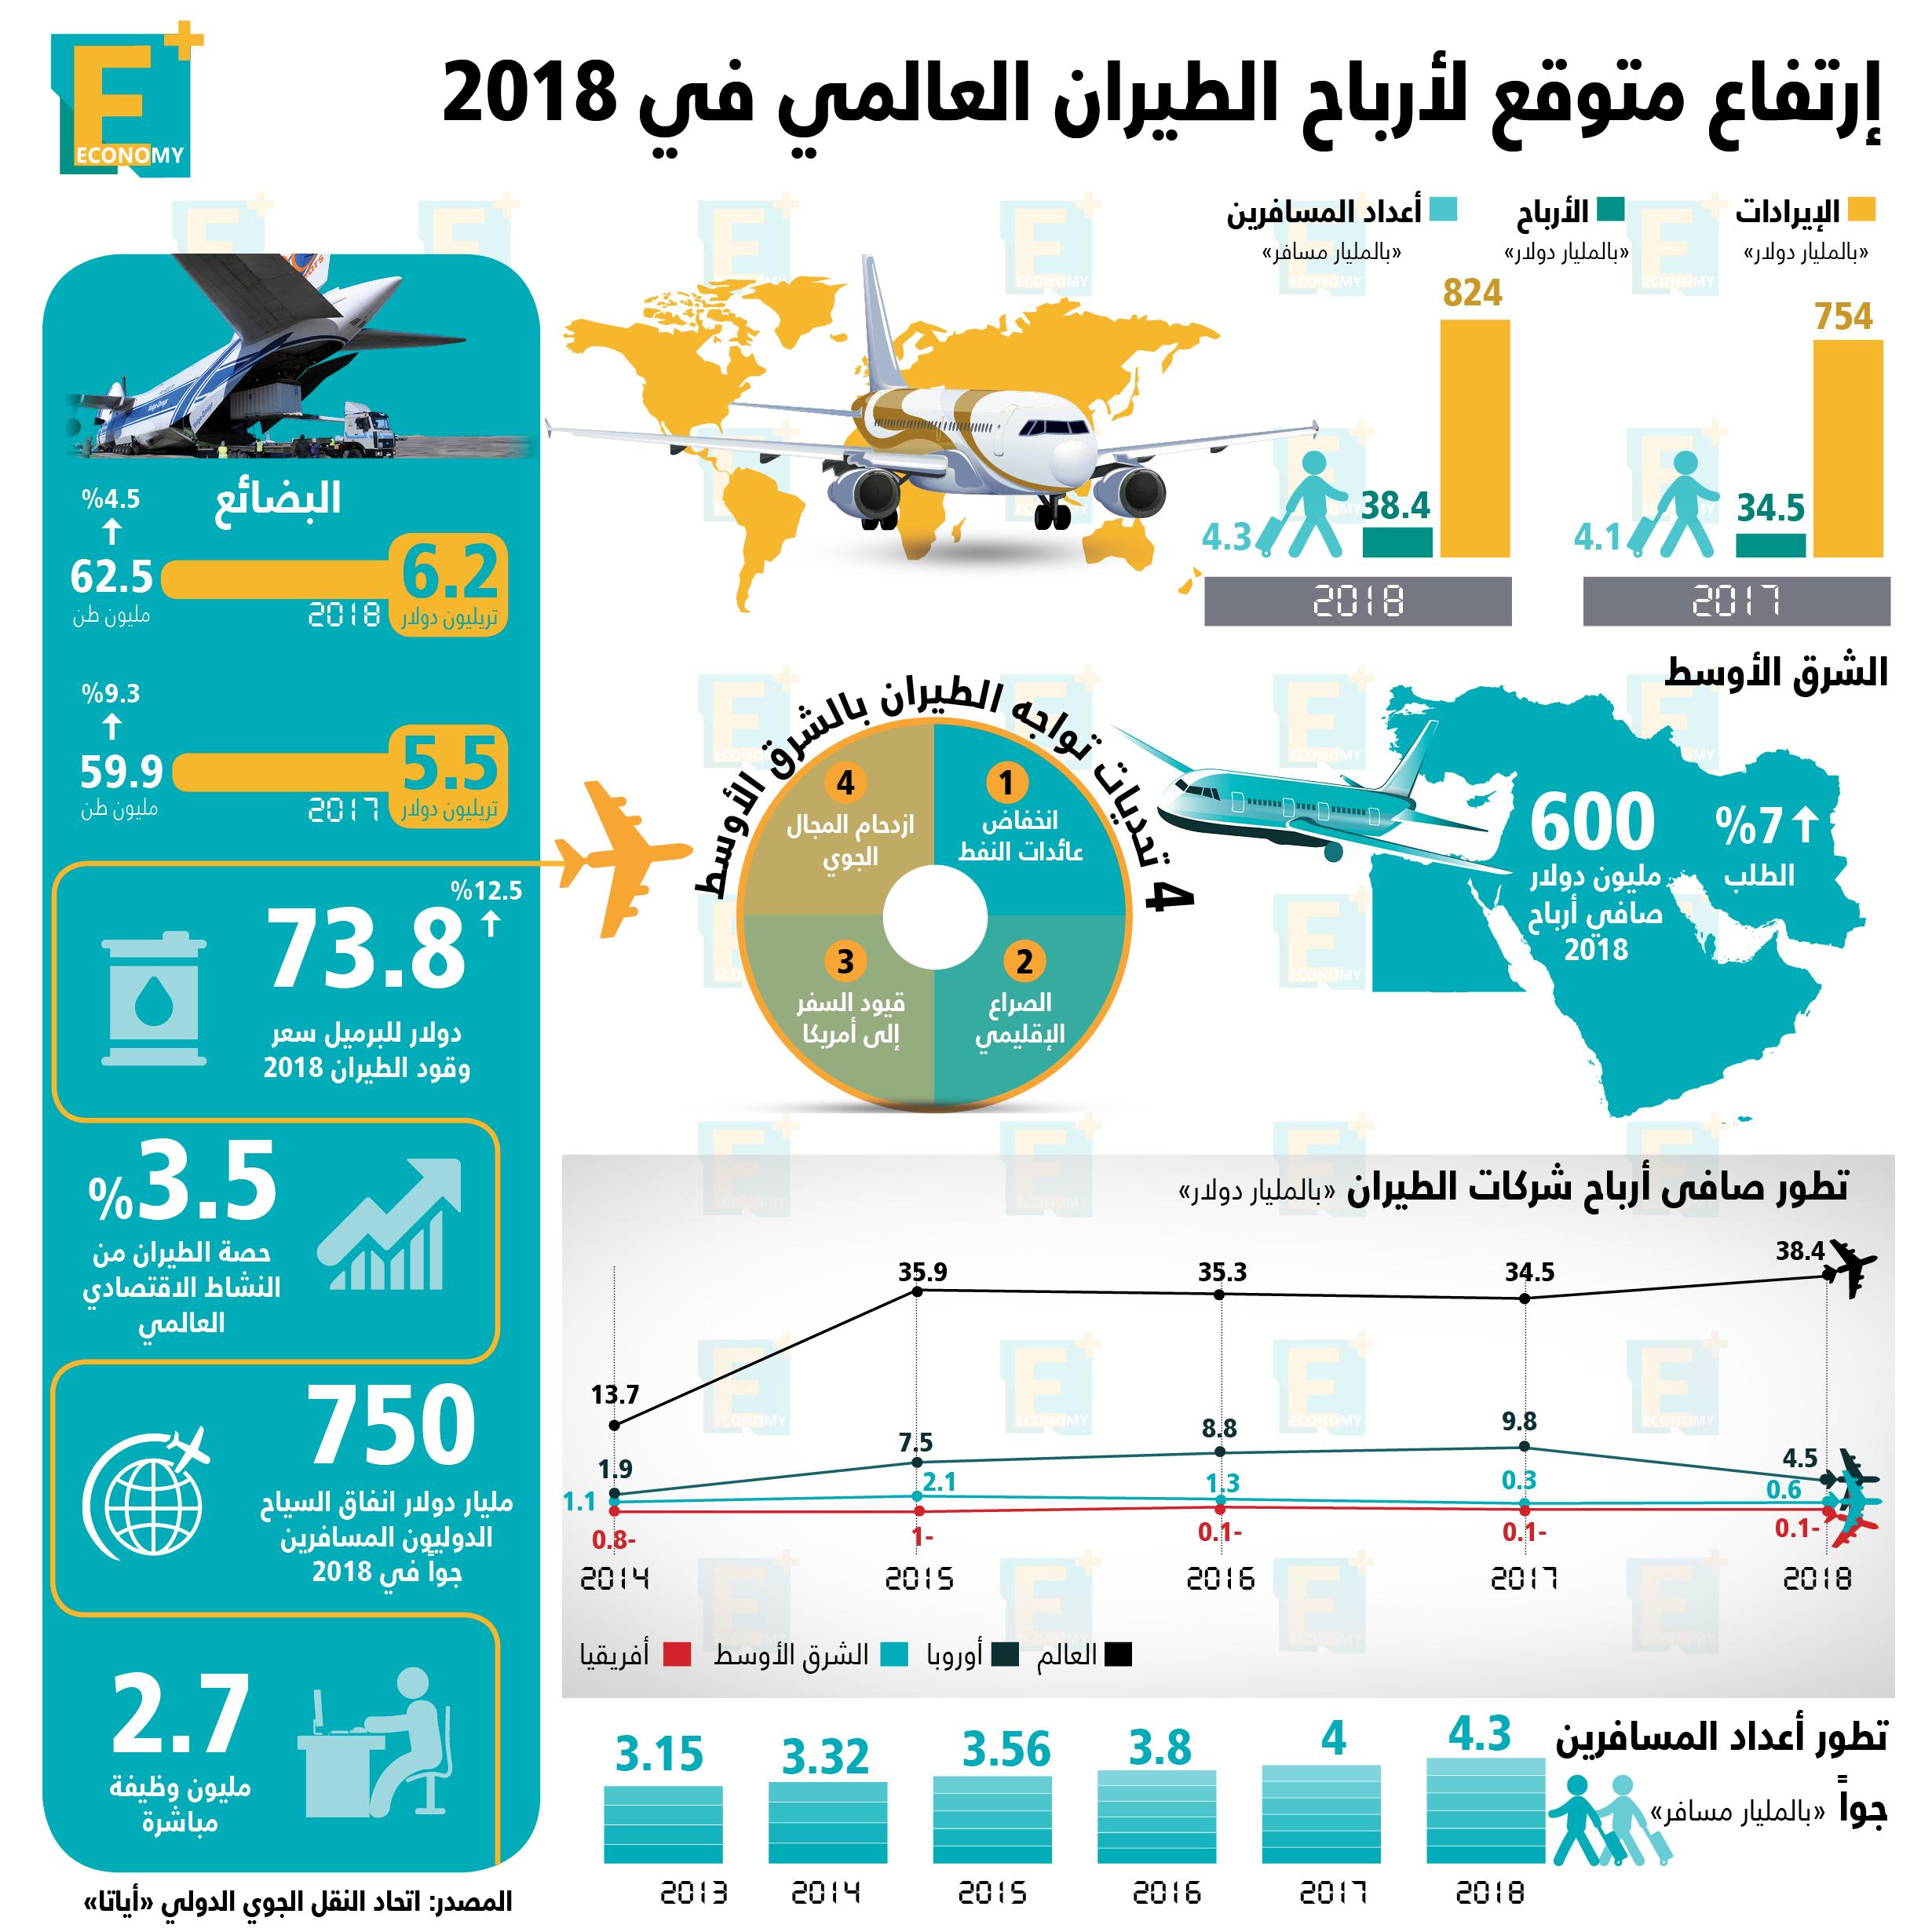 إرتفاع متوقع لأرباح الطيران العالمي في 2018